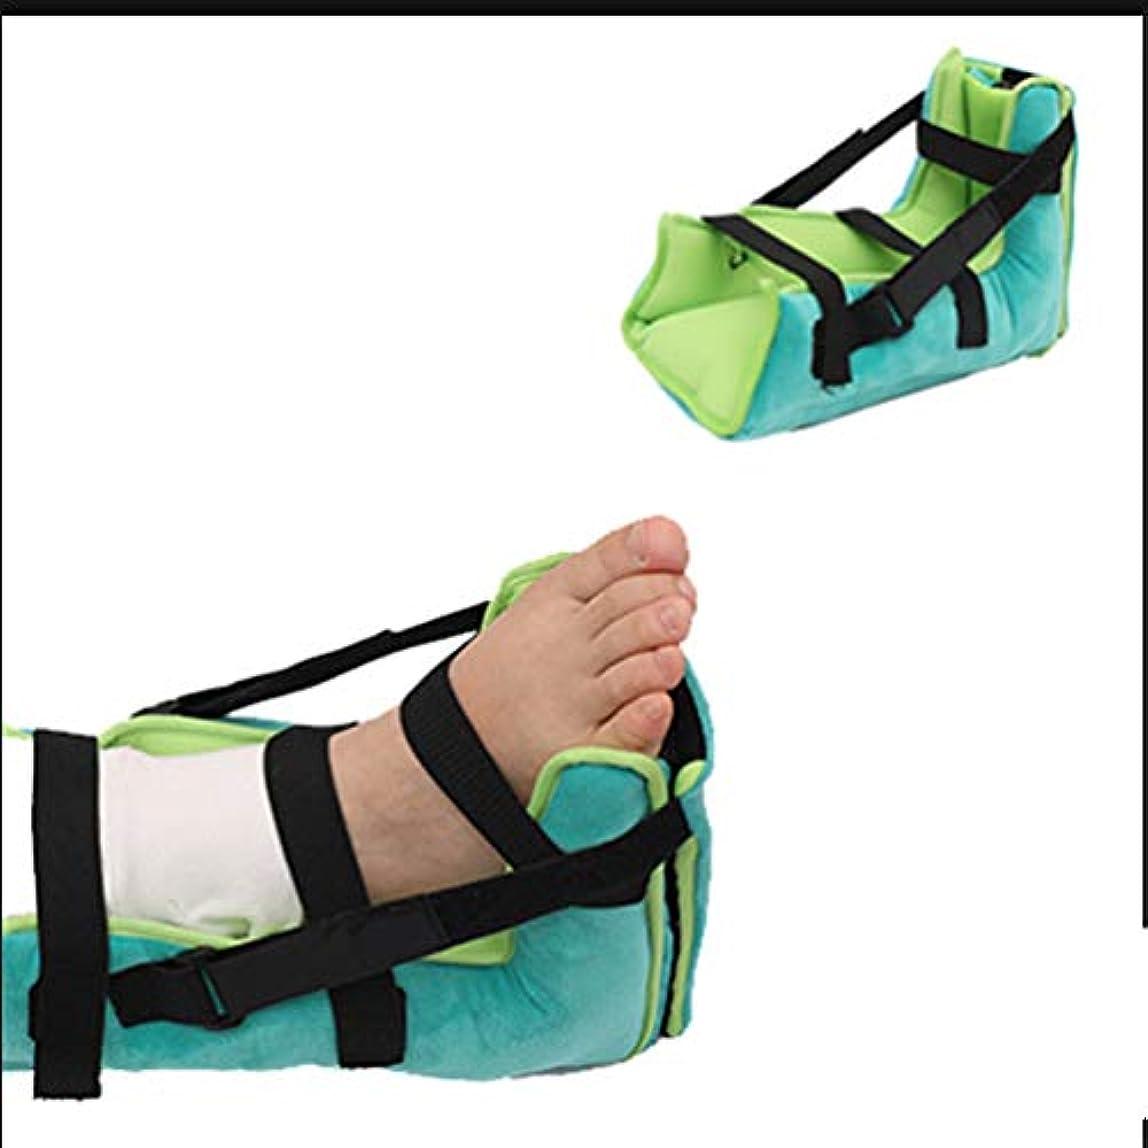 シェルター黒板尋ねる柔らかい快適なかかと保護足枕反Anti瘡かかとプロテクターオープン足ドループ装具減圧ストローク反足保護スリーブ